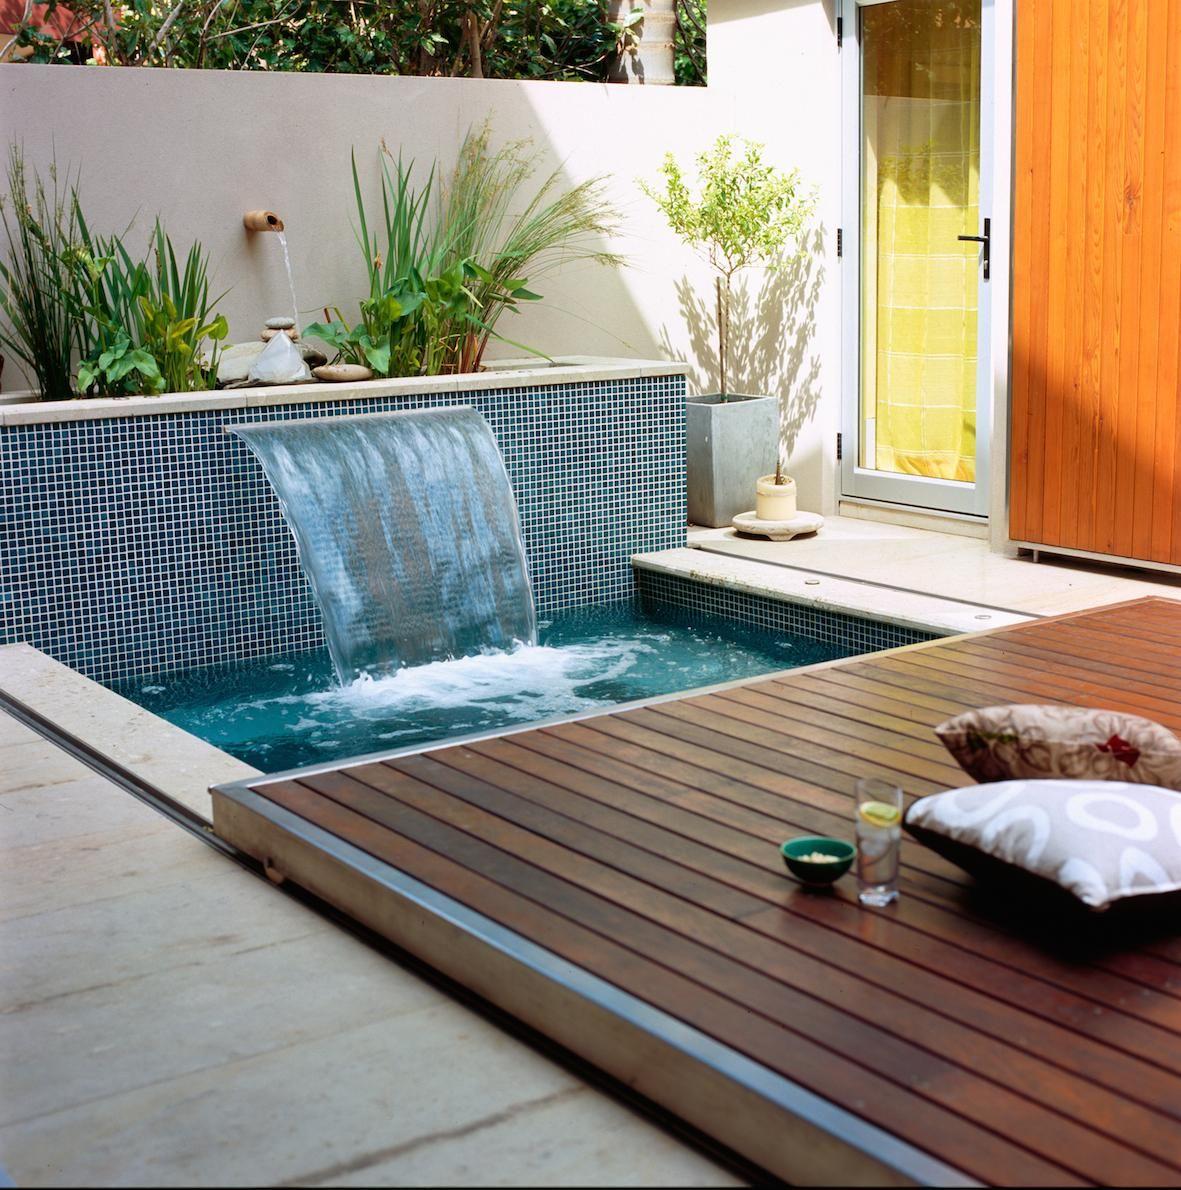 Waterfall u sliding floor piscinas pinterest plunge pool